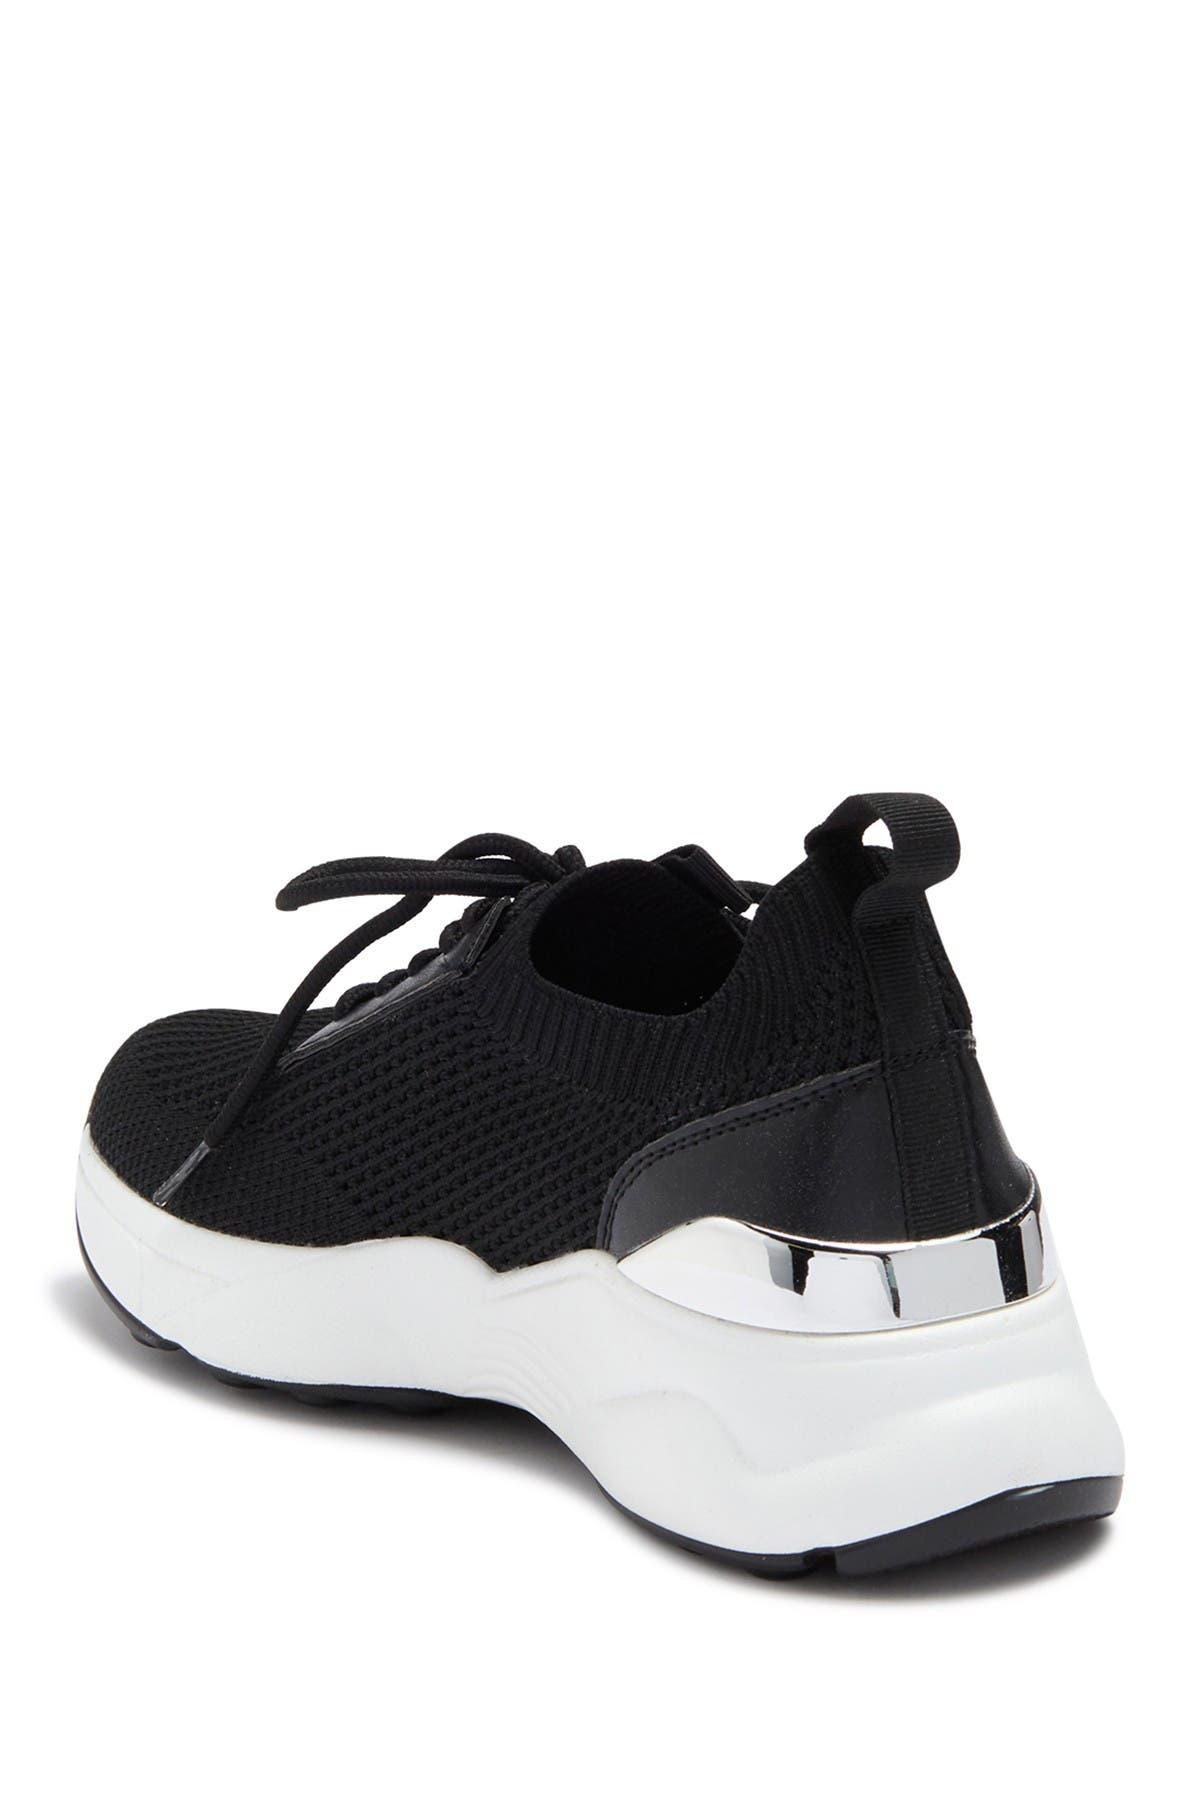 Image of 14th & Union Vera Sneaker